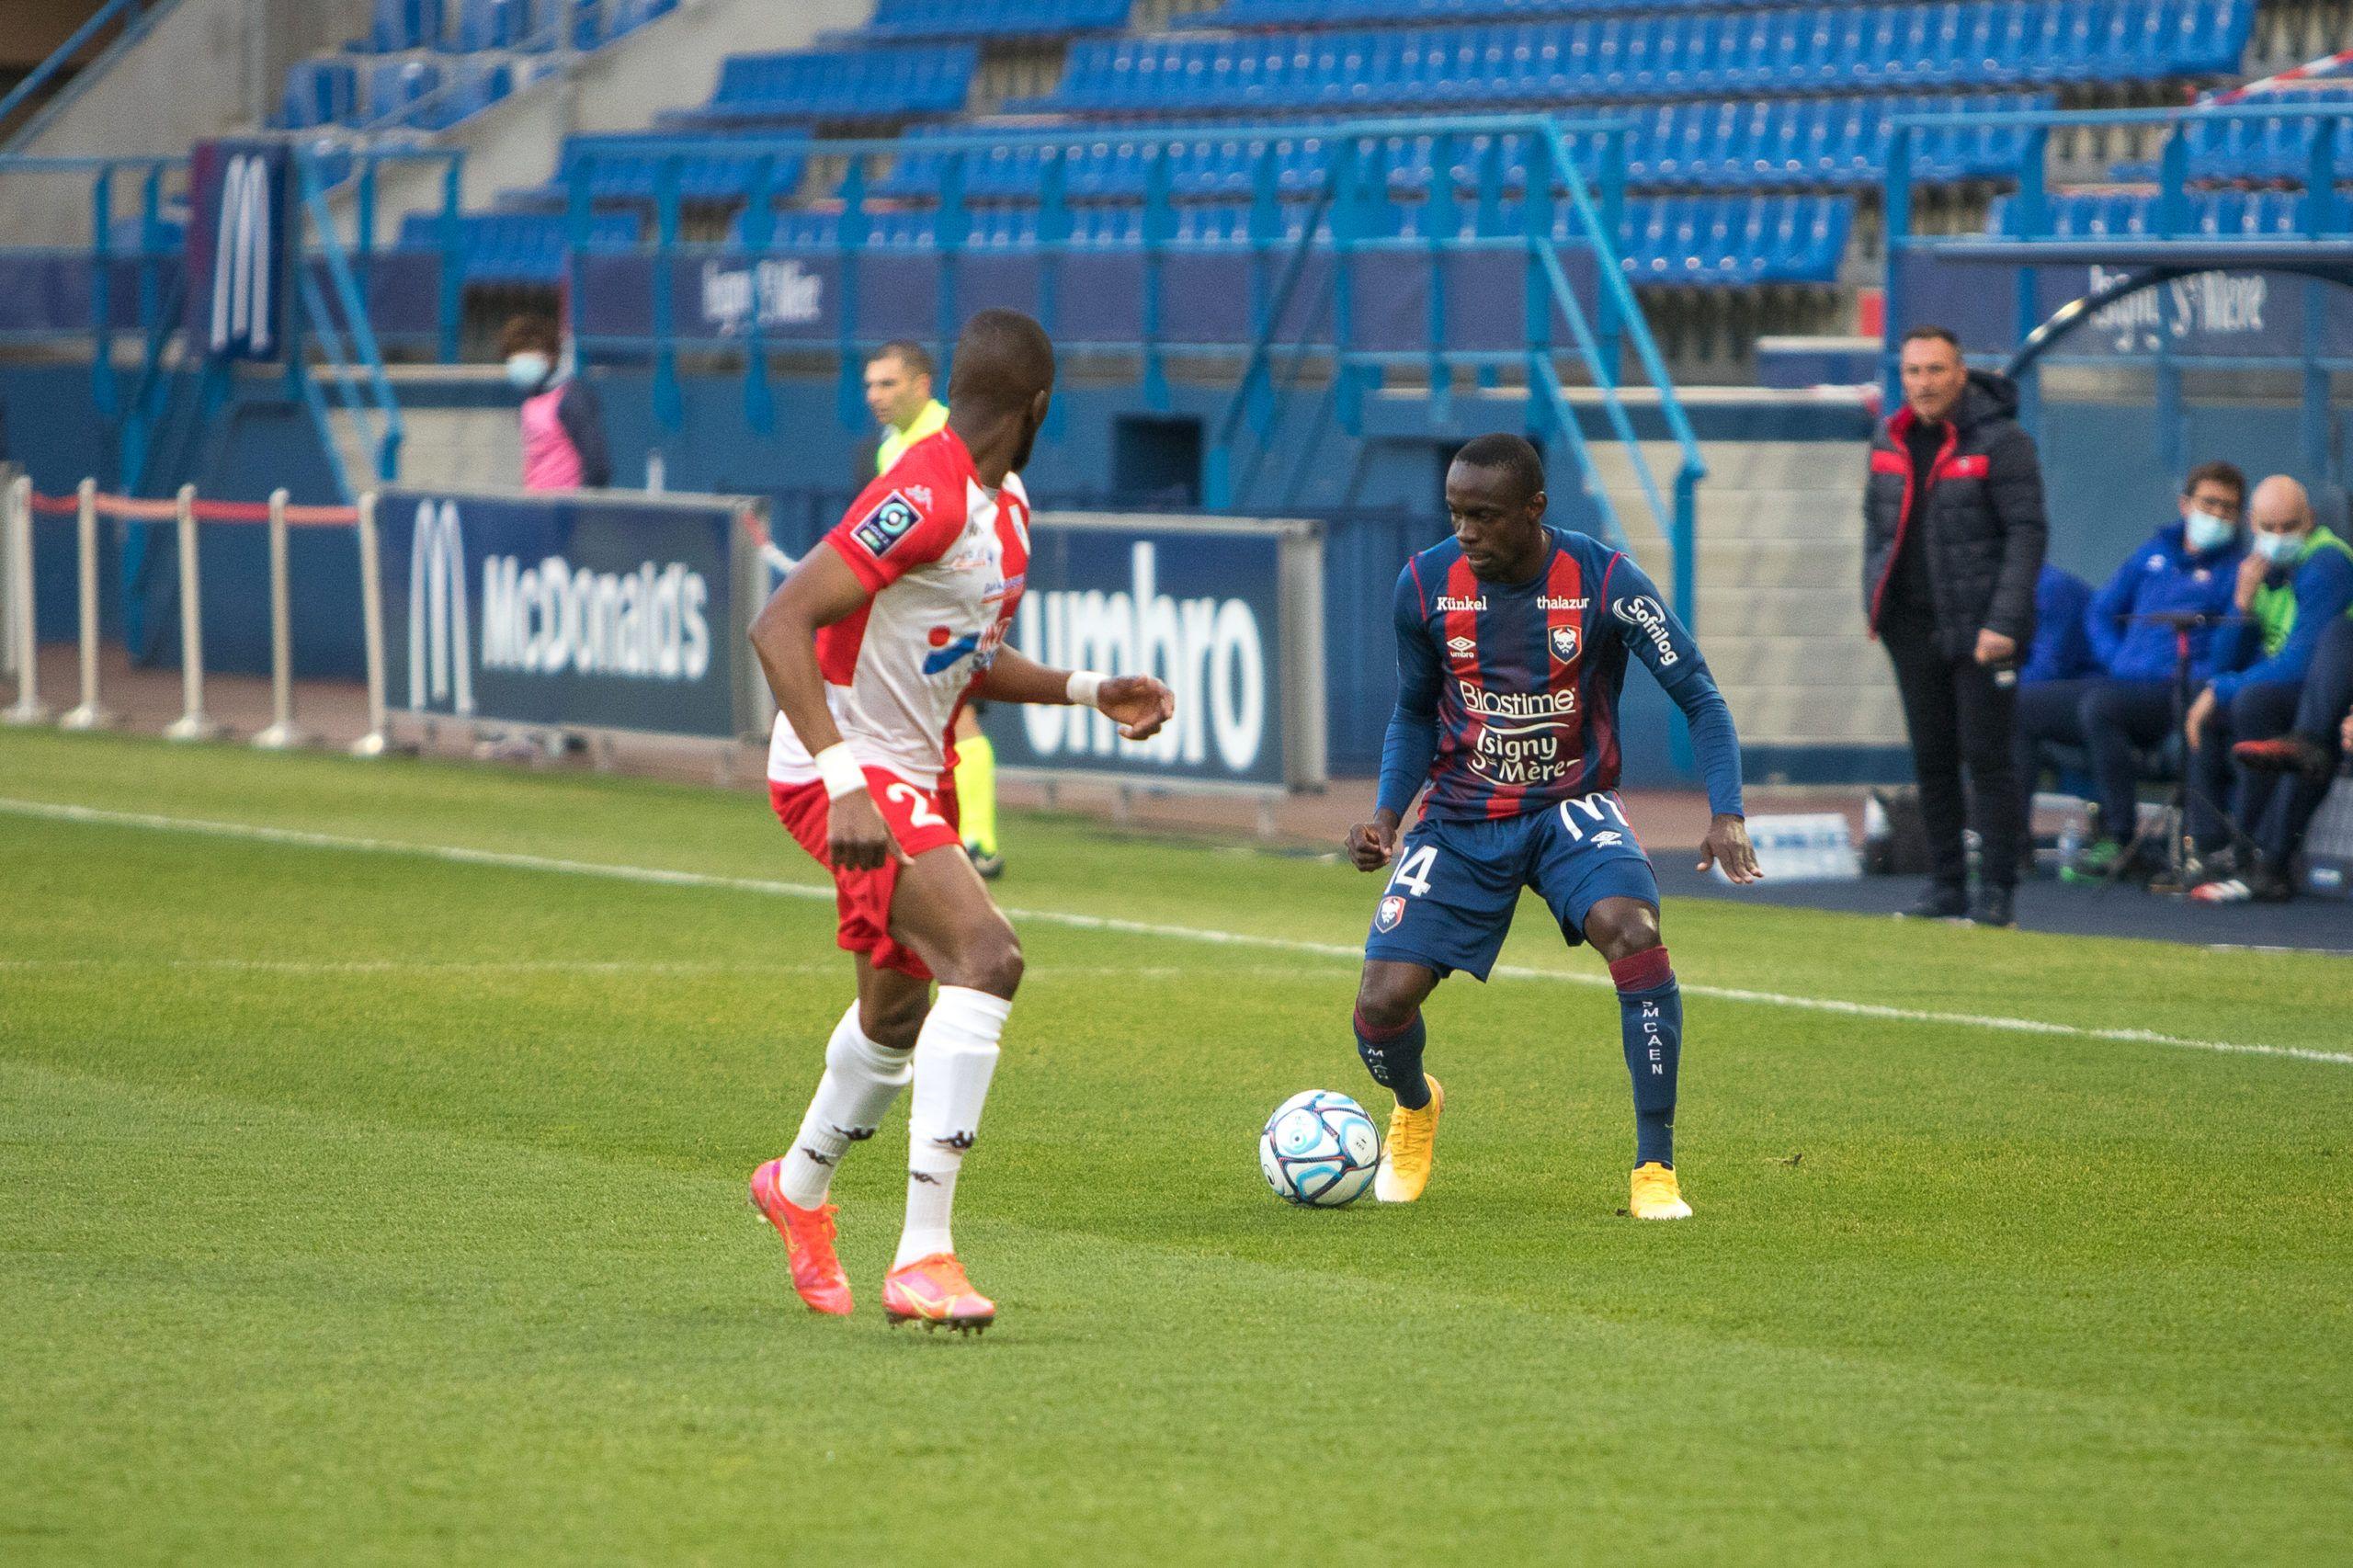 Les notes des joueurs caennais après le match nul contre Dunkerque (1-1)